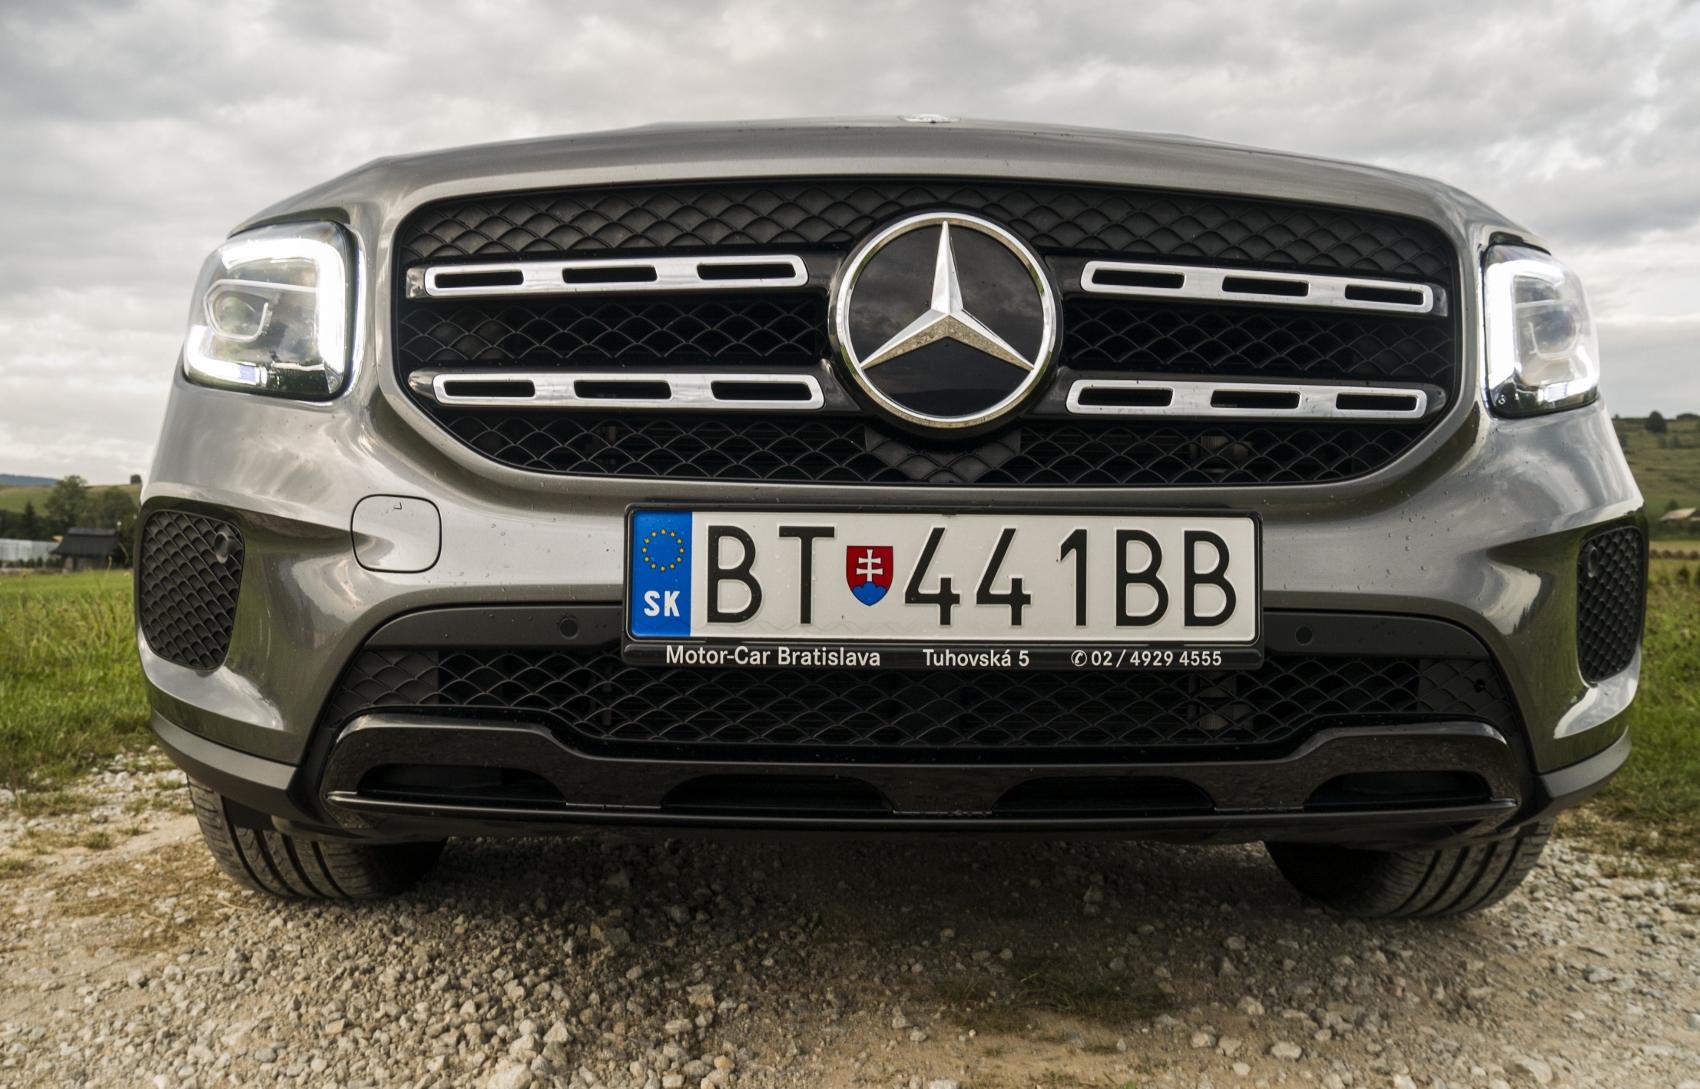 Test: Mercedes GLB 200 ponúka veľký priestor v malom balení XYfYi6AA8m mercedes-glb-17-1700x1089